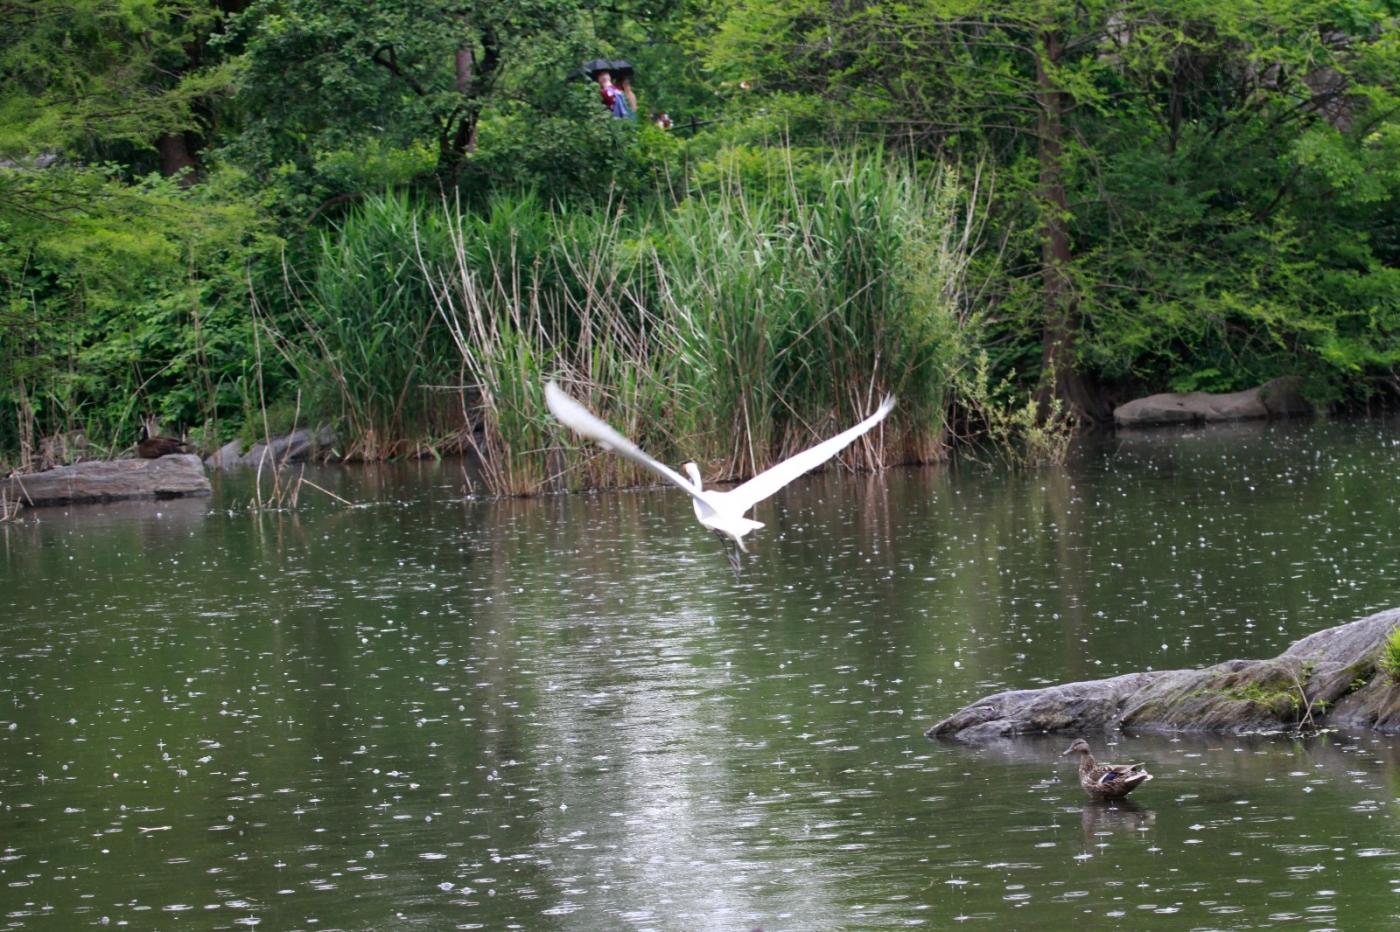 中央公园的白鹭,姿态优美,游客喜爱_图1-9